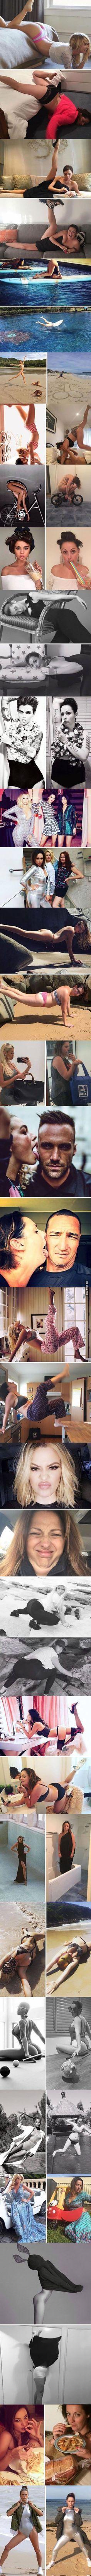 Wooman reenacts celebrities photo